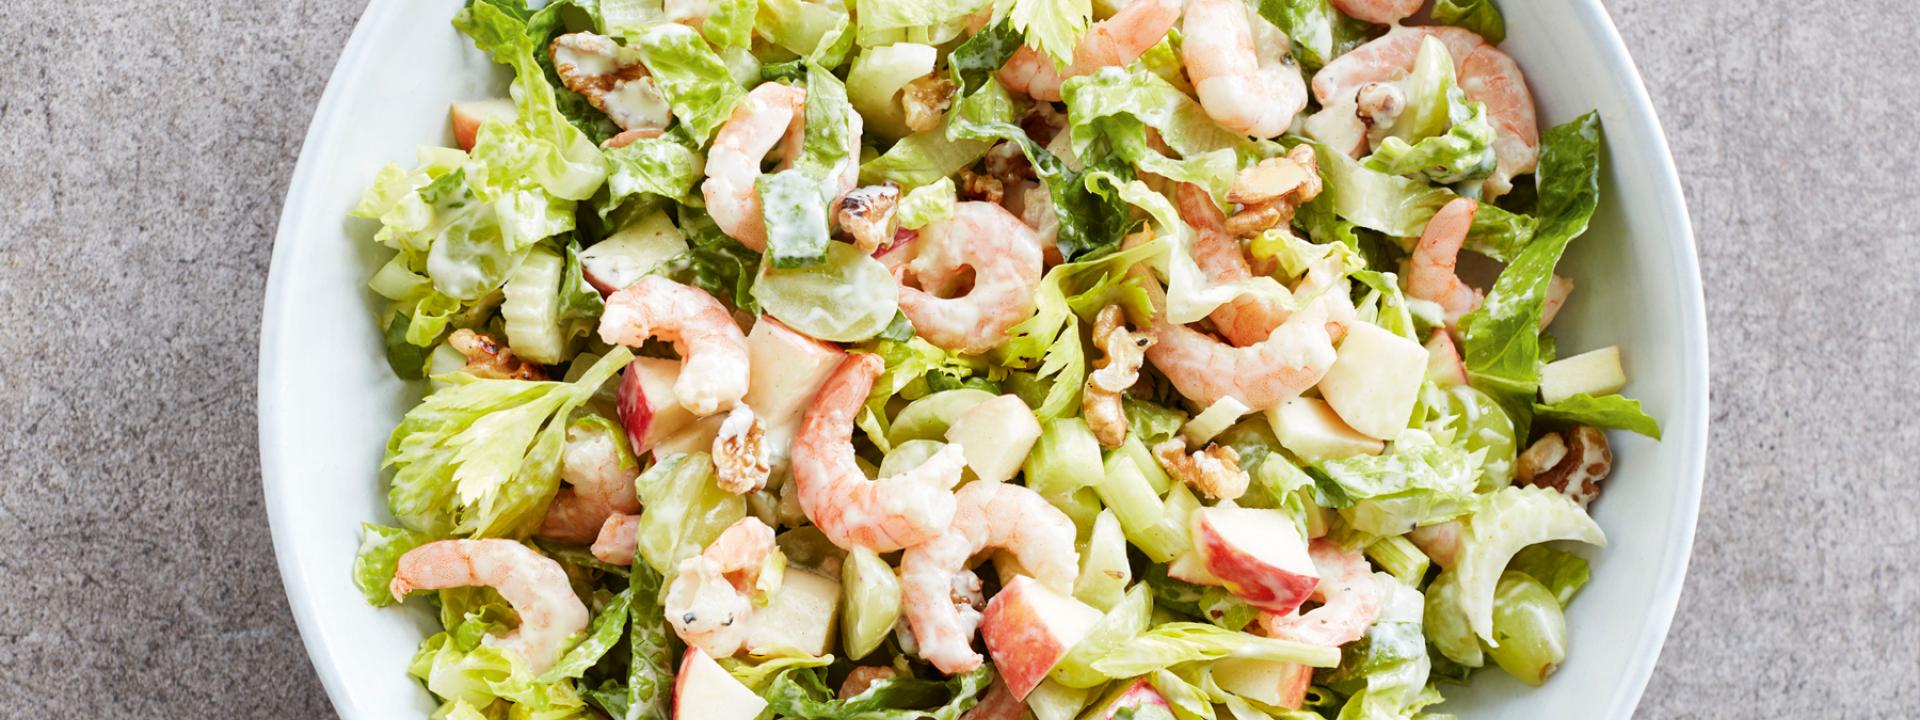 Prawn Waldorf Salad